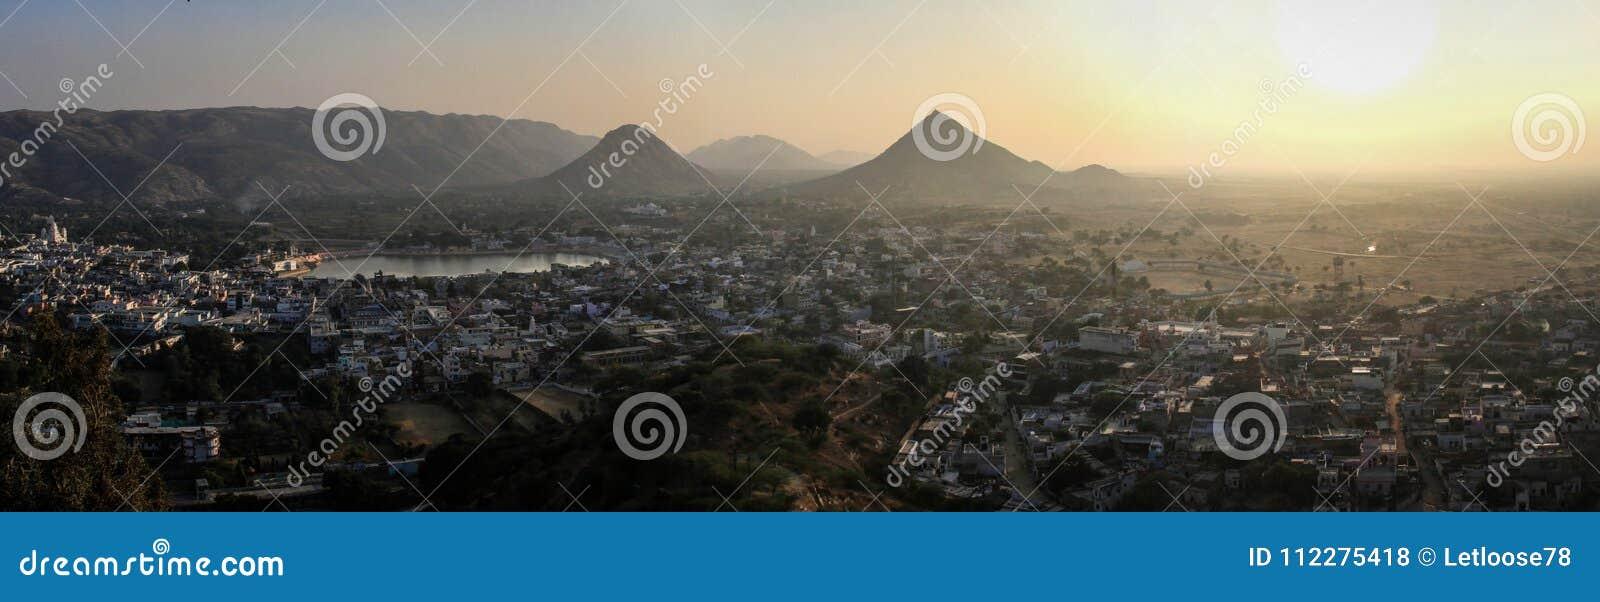 Visión panorámica en la puesta del sol de Pushkar y las colinas de Aravalli de Pap Mochani Gayatri Temple, Pushkar, Rajasthán, la